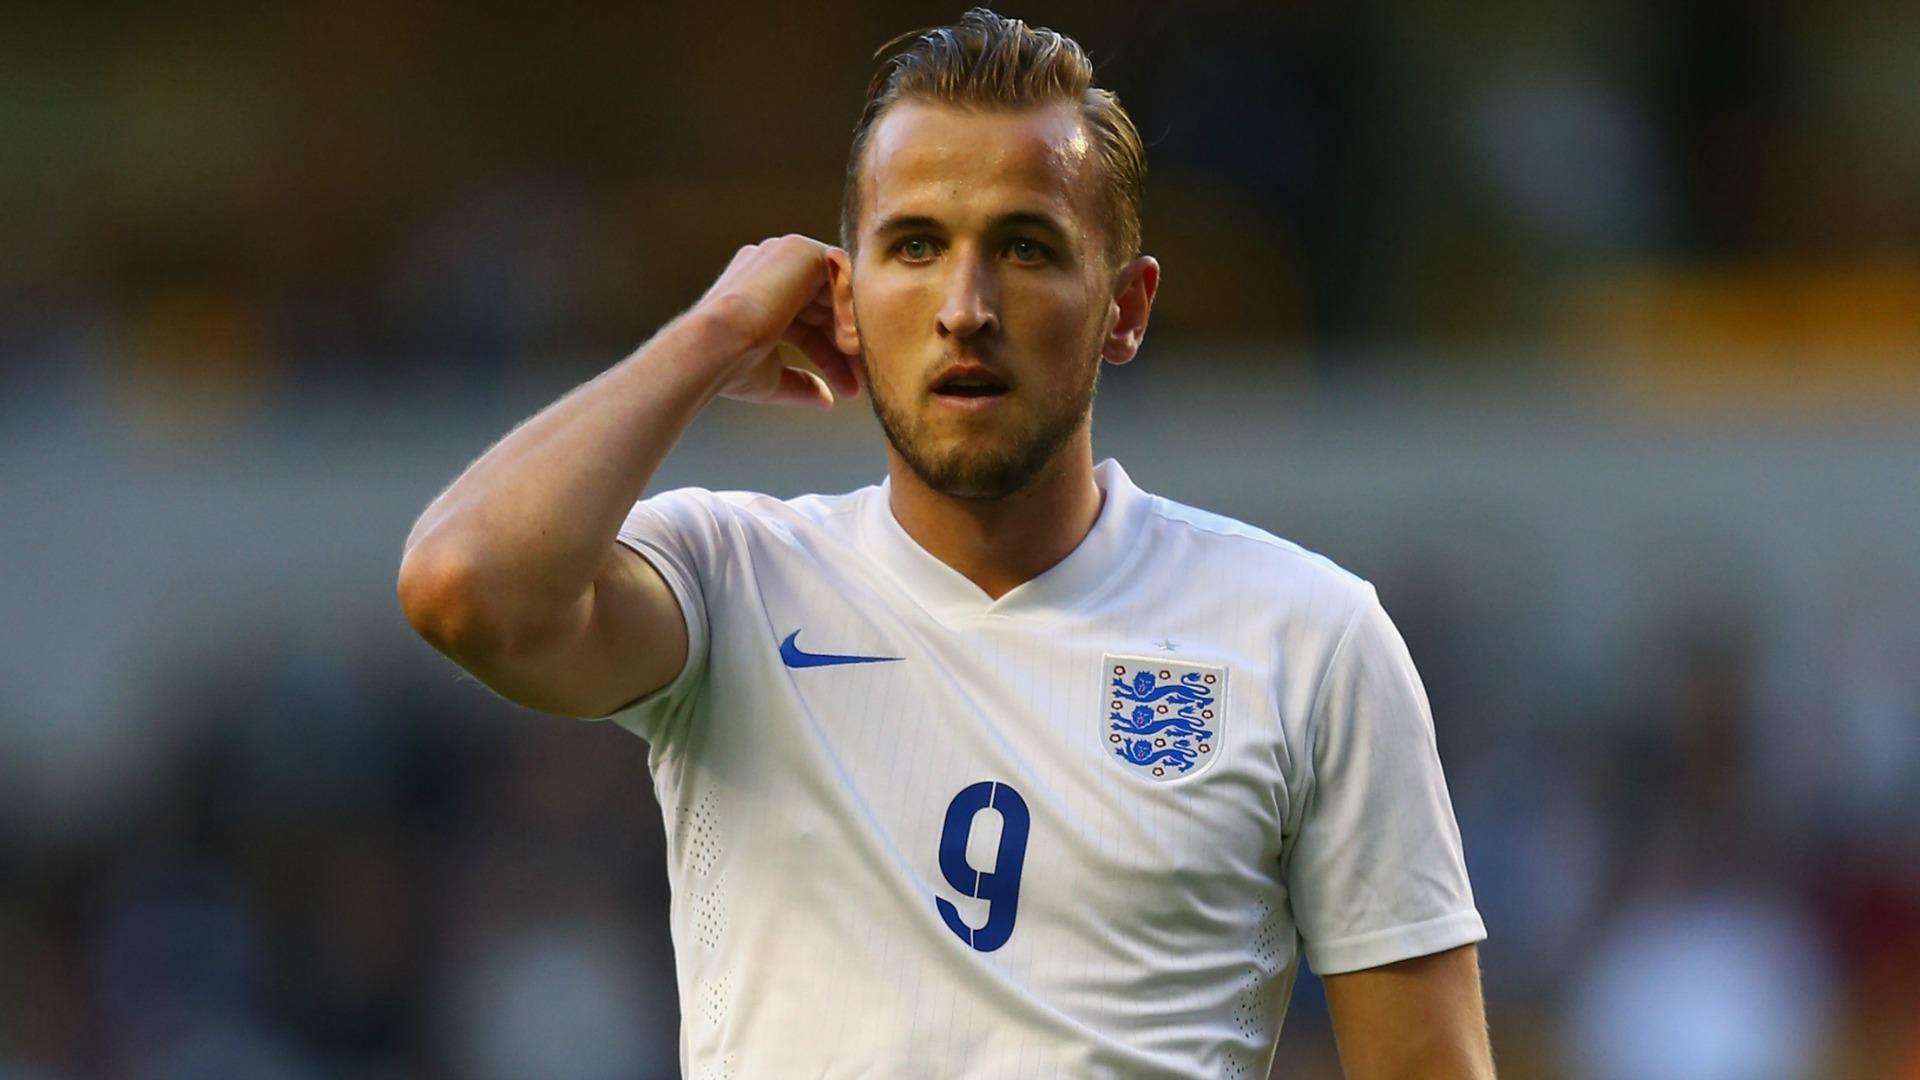 Прогноз на матч Англия - Коста-Рика: англичане победят с форой -1